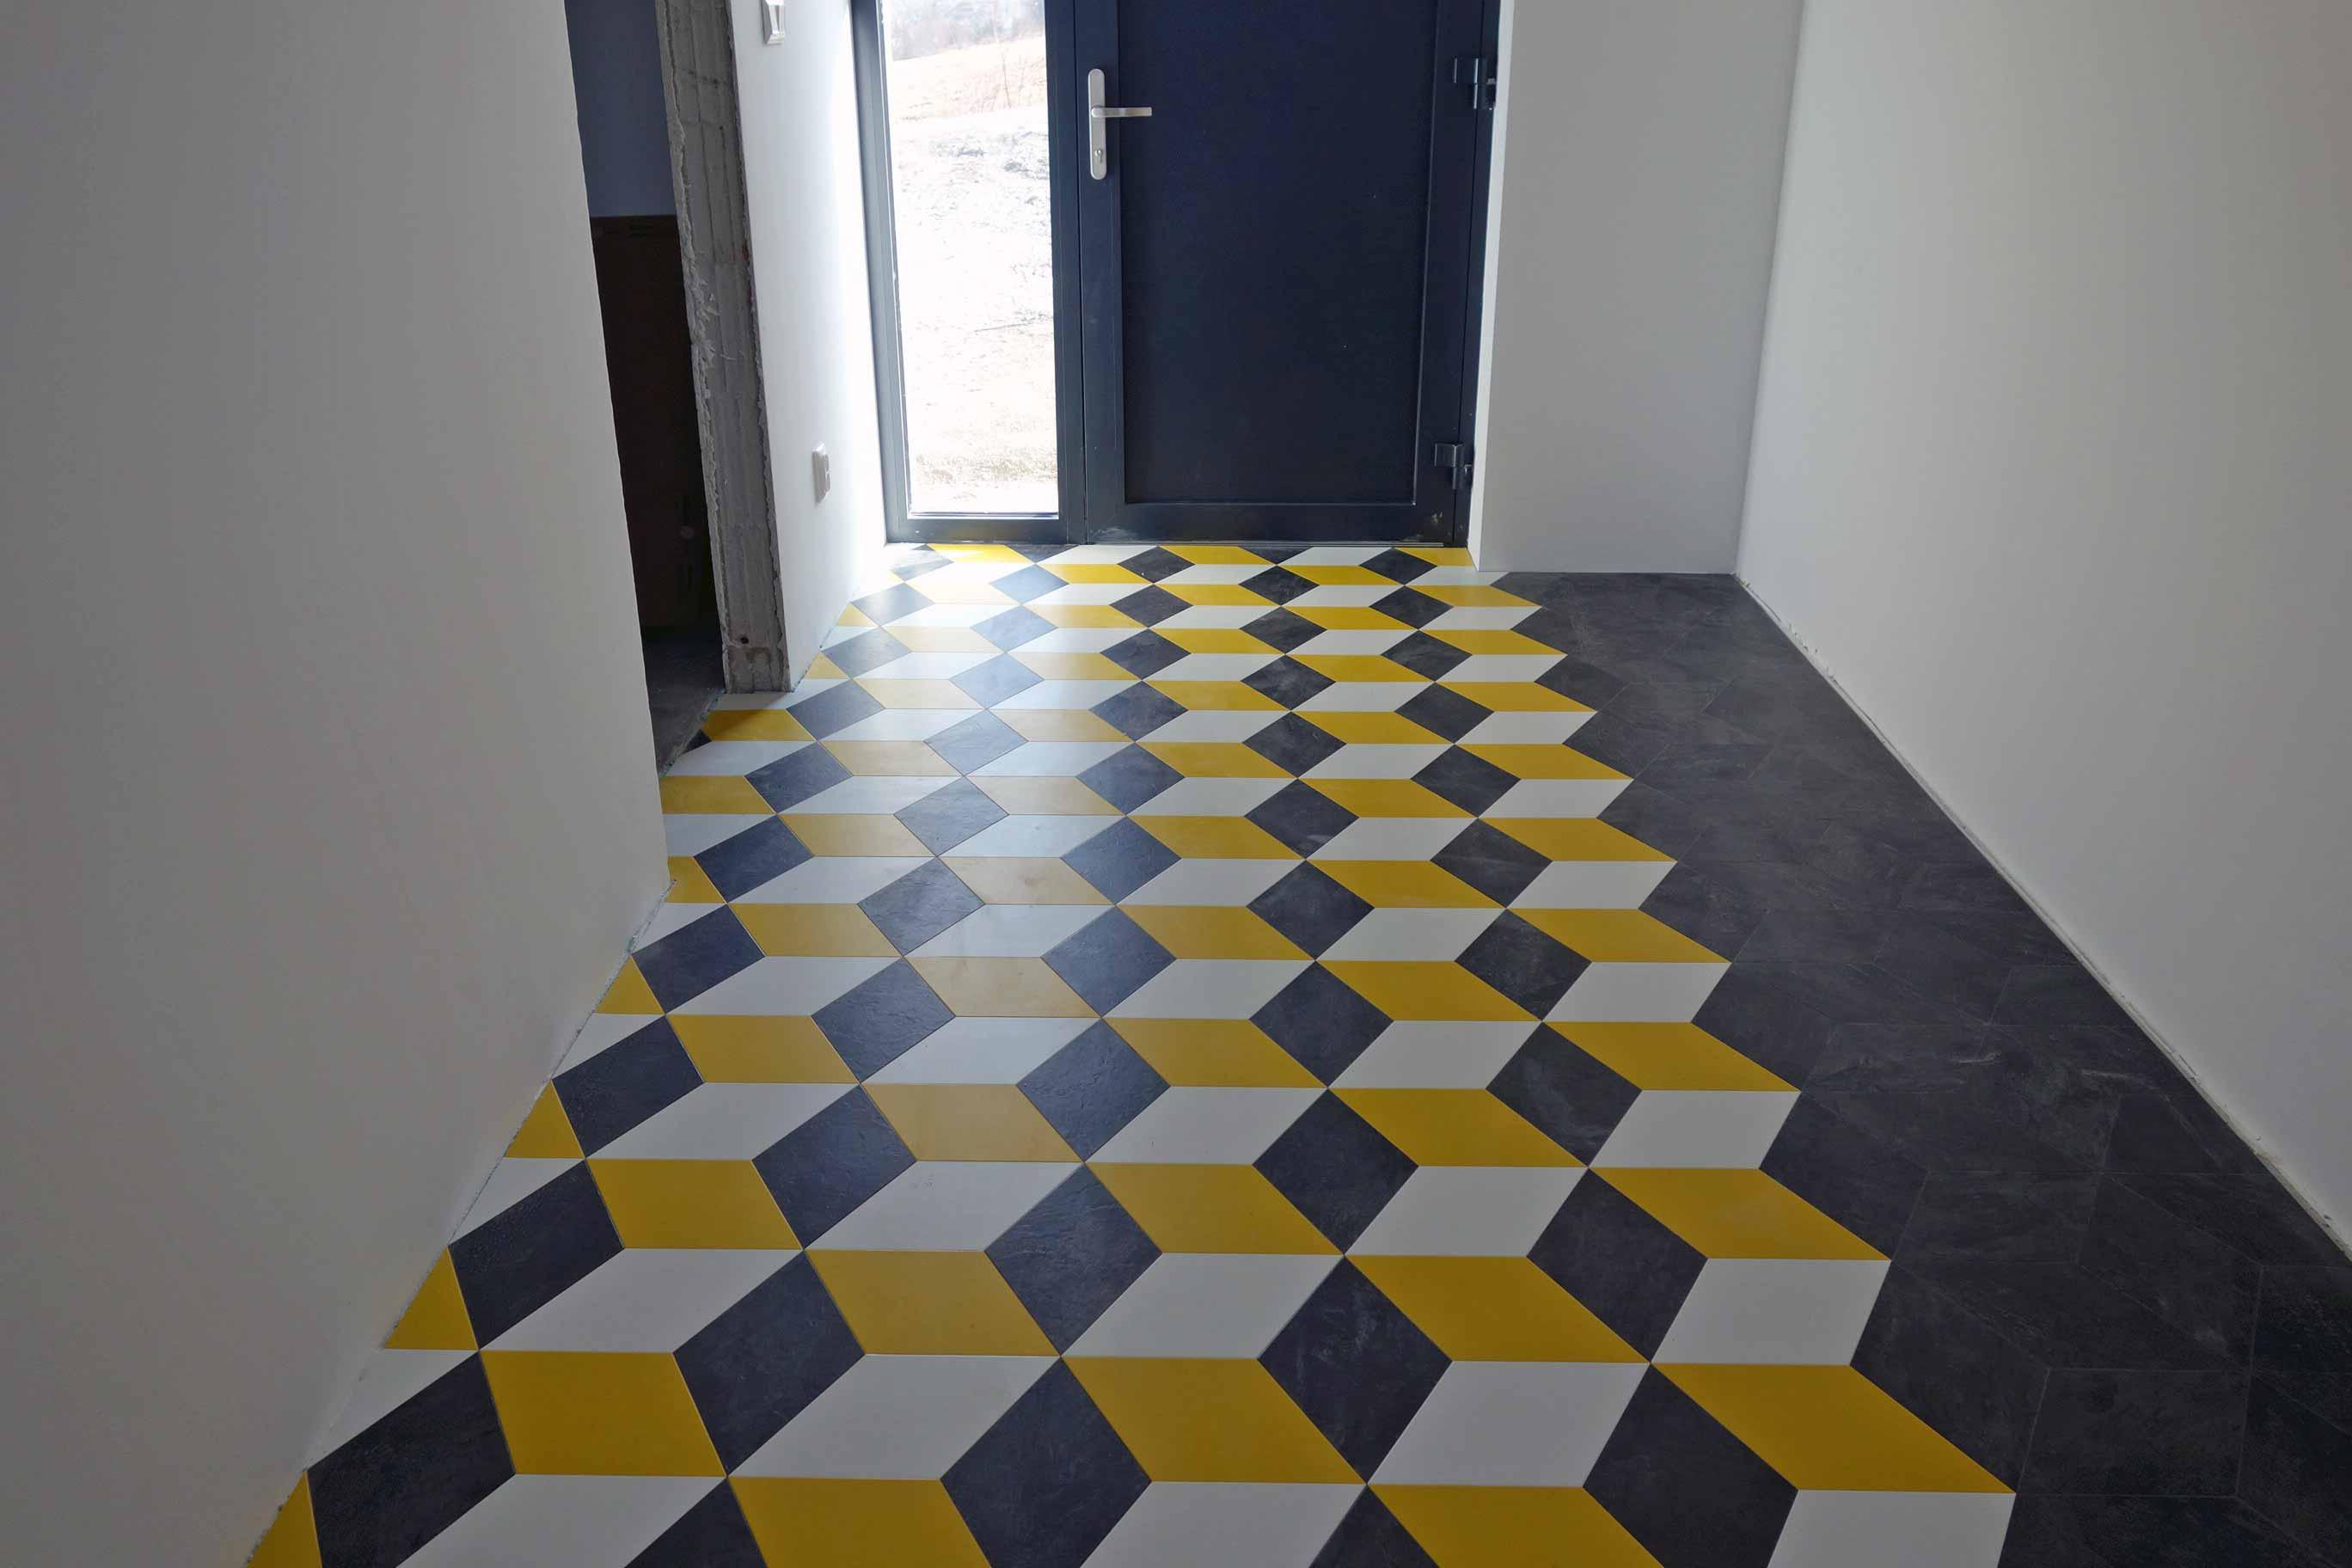 interiér rodinného domu_vinylová podlaha